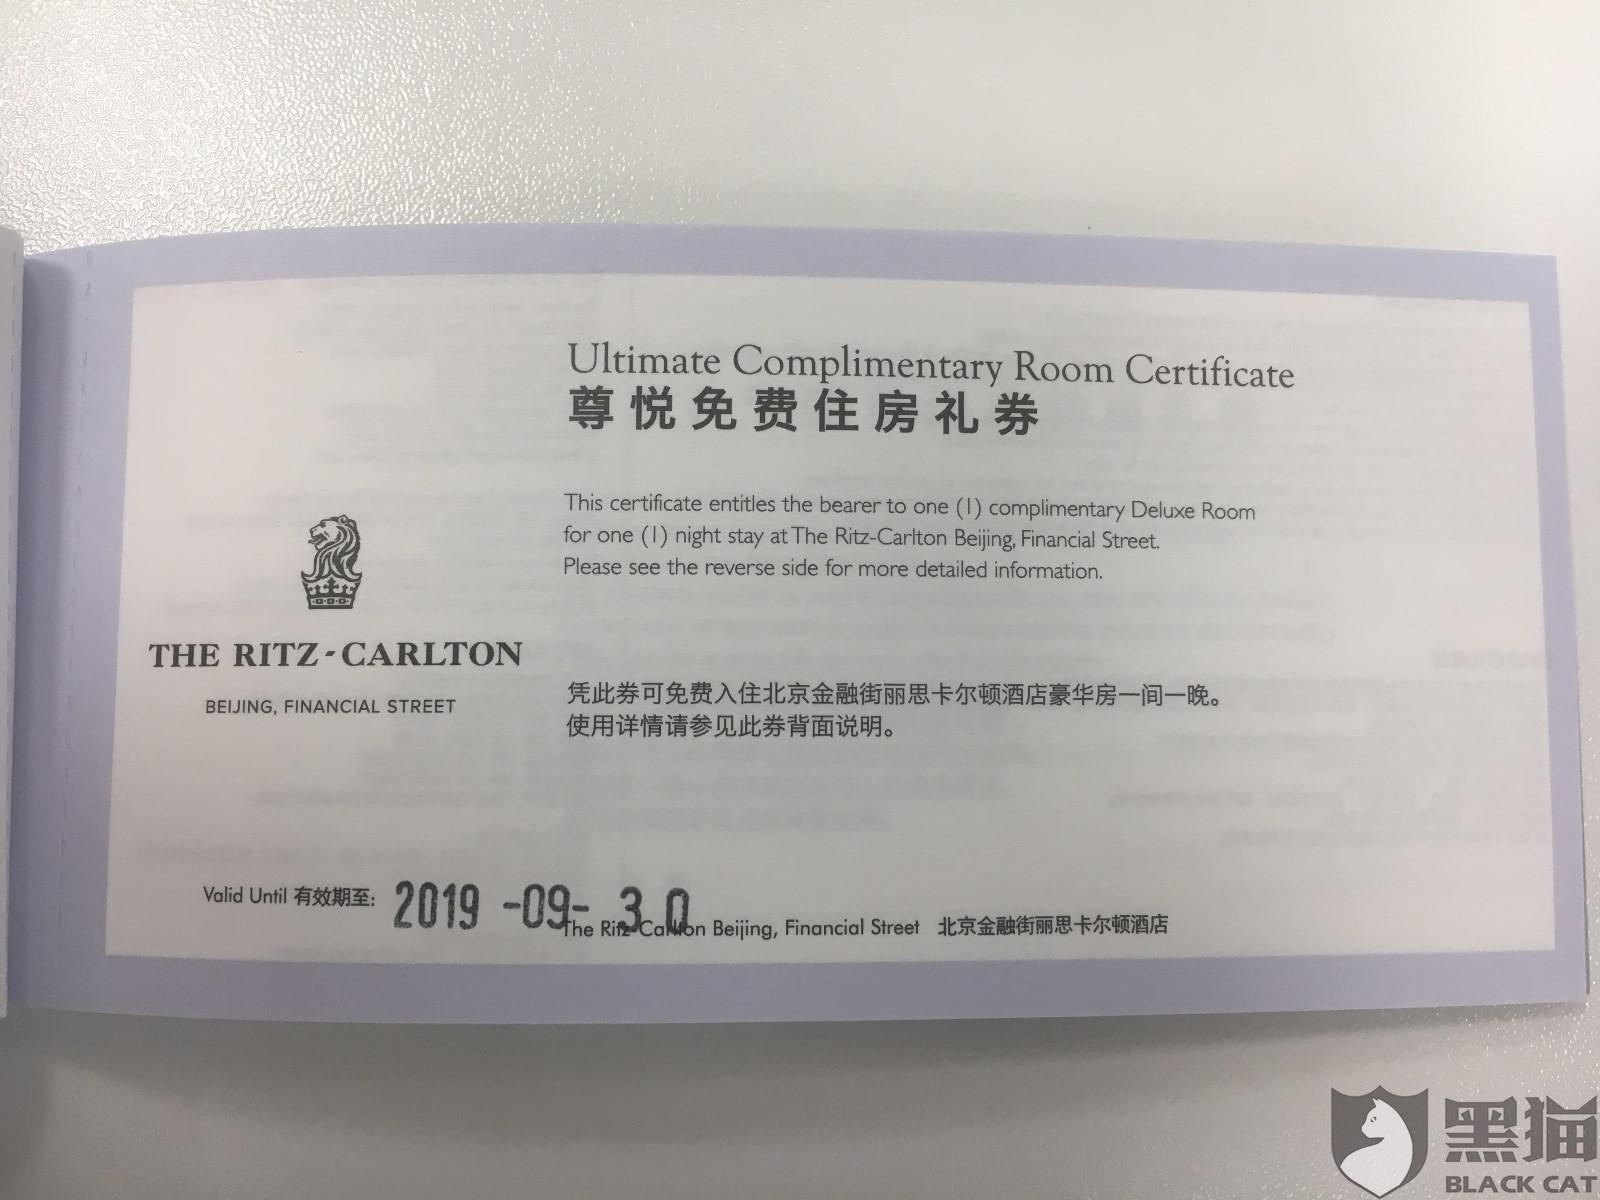 黑猫投诉:北京金融街丽思卡尔顿酒店尊悦会员卡免费房使用券在有房的时候被拒绝使用